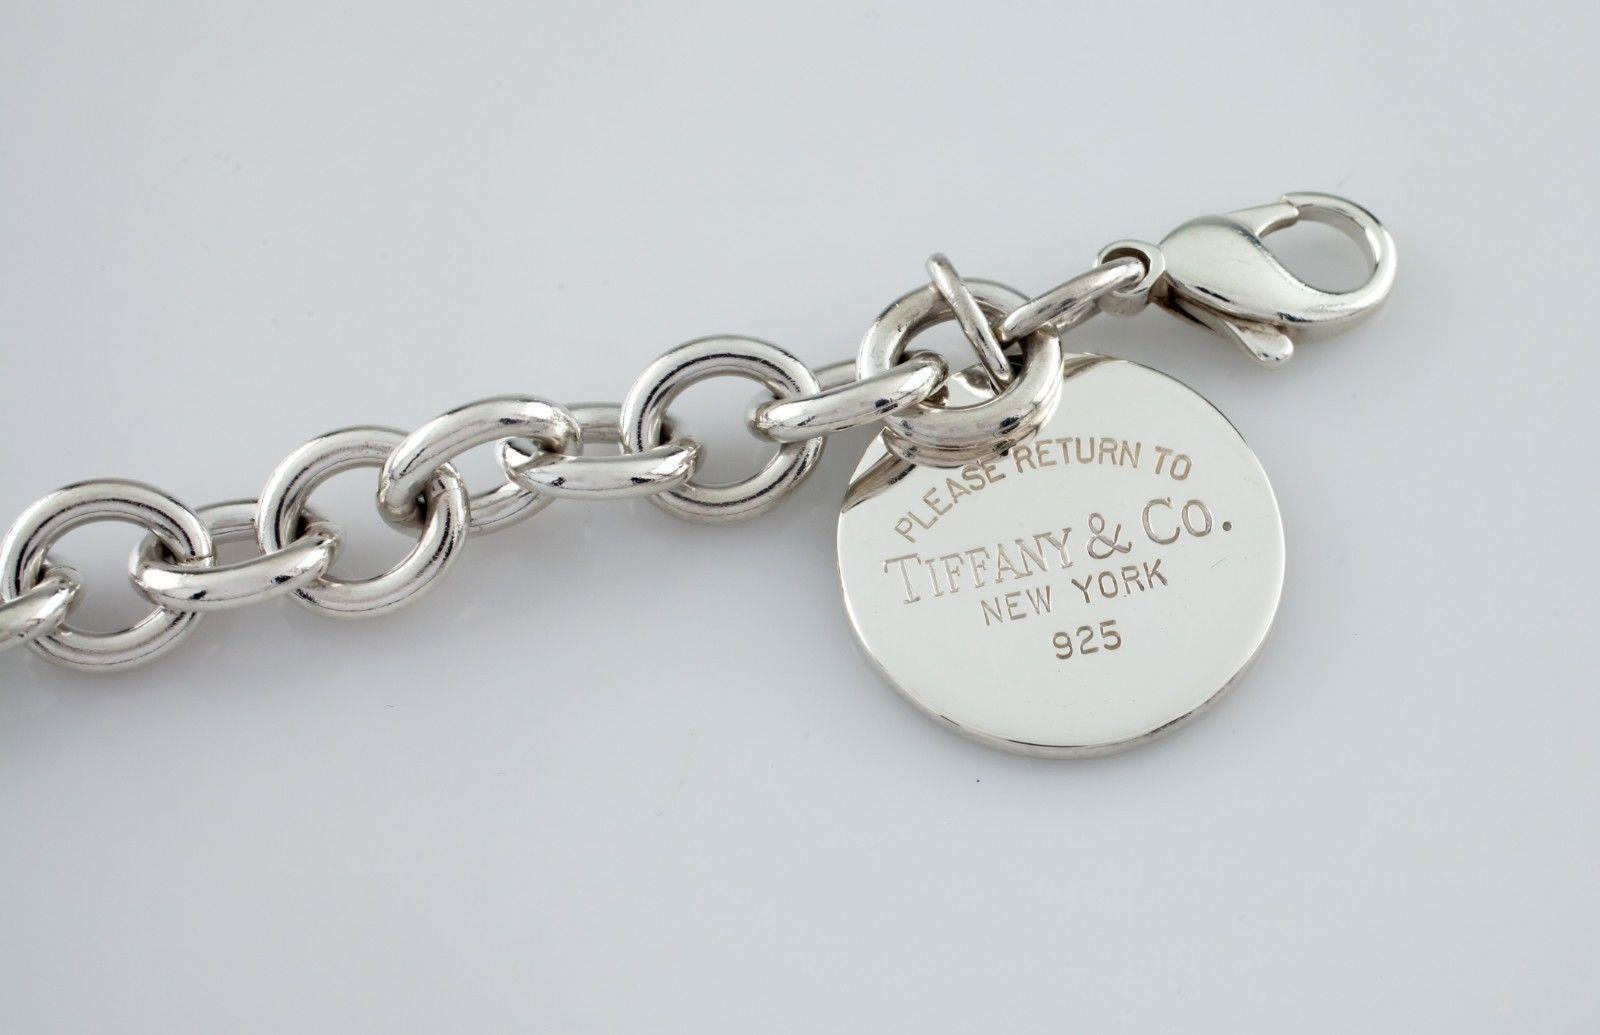 e2d03ab37 S l1600. S l1600. Previous. Tiffany & Co. Sterling Silver Round